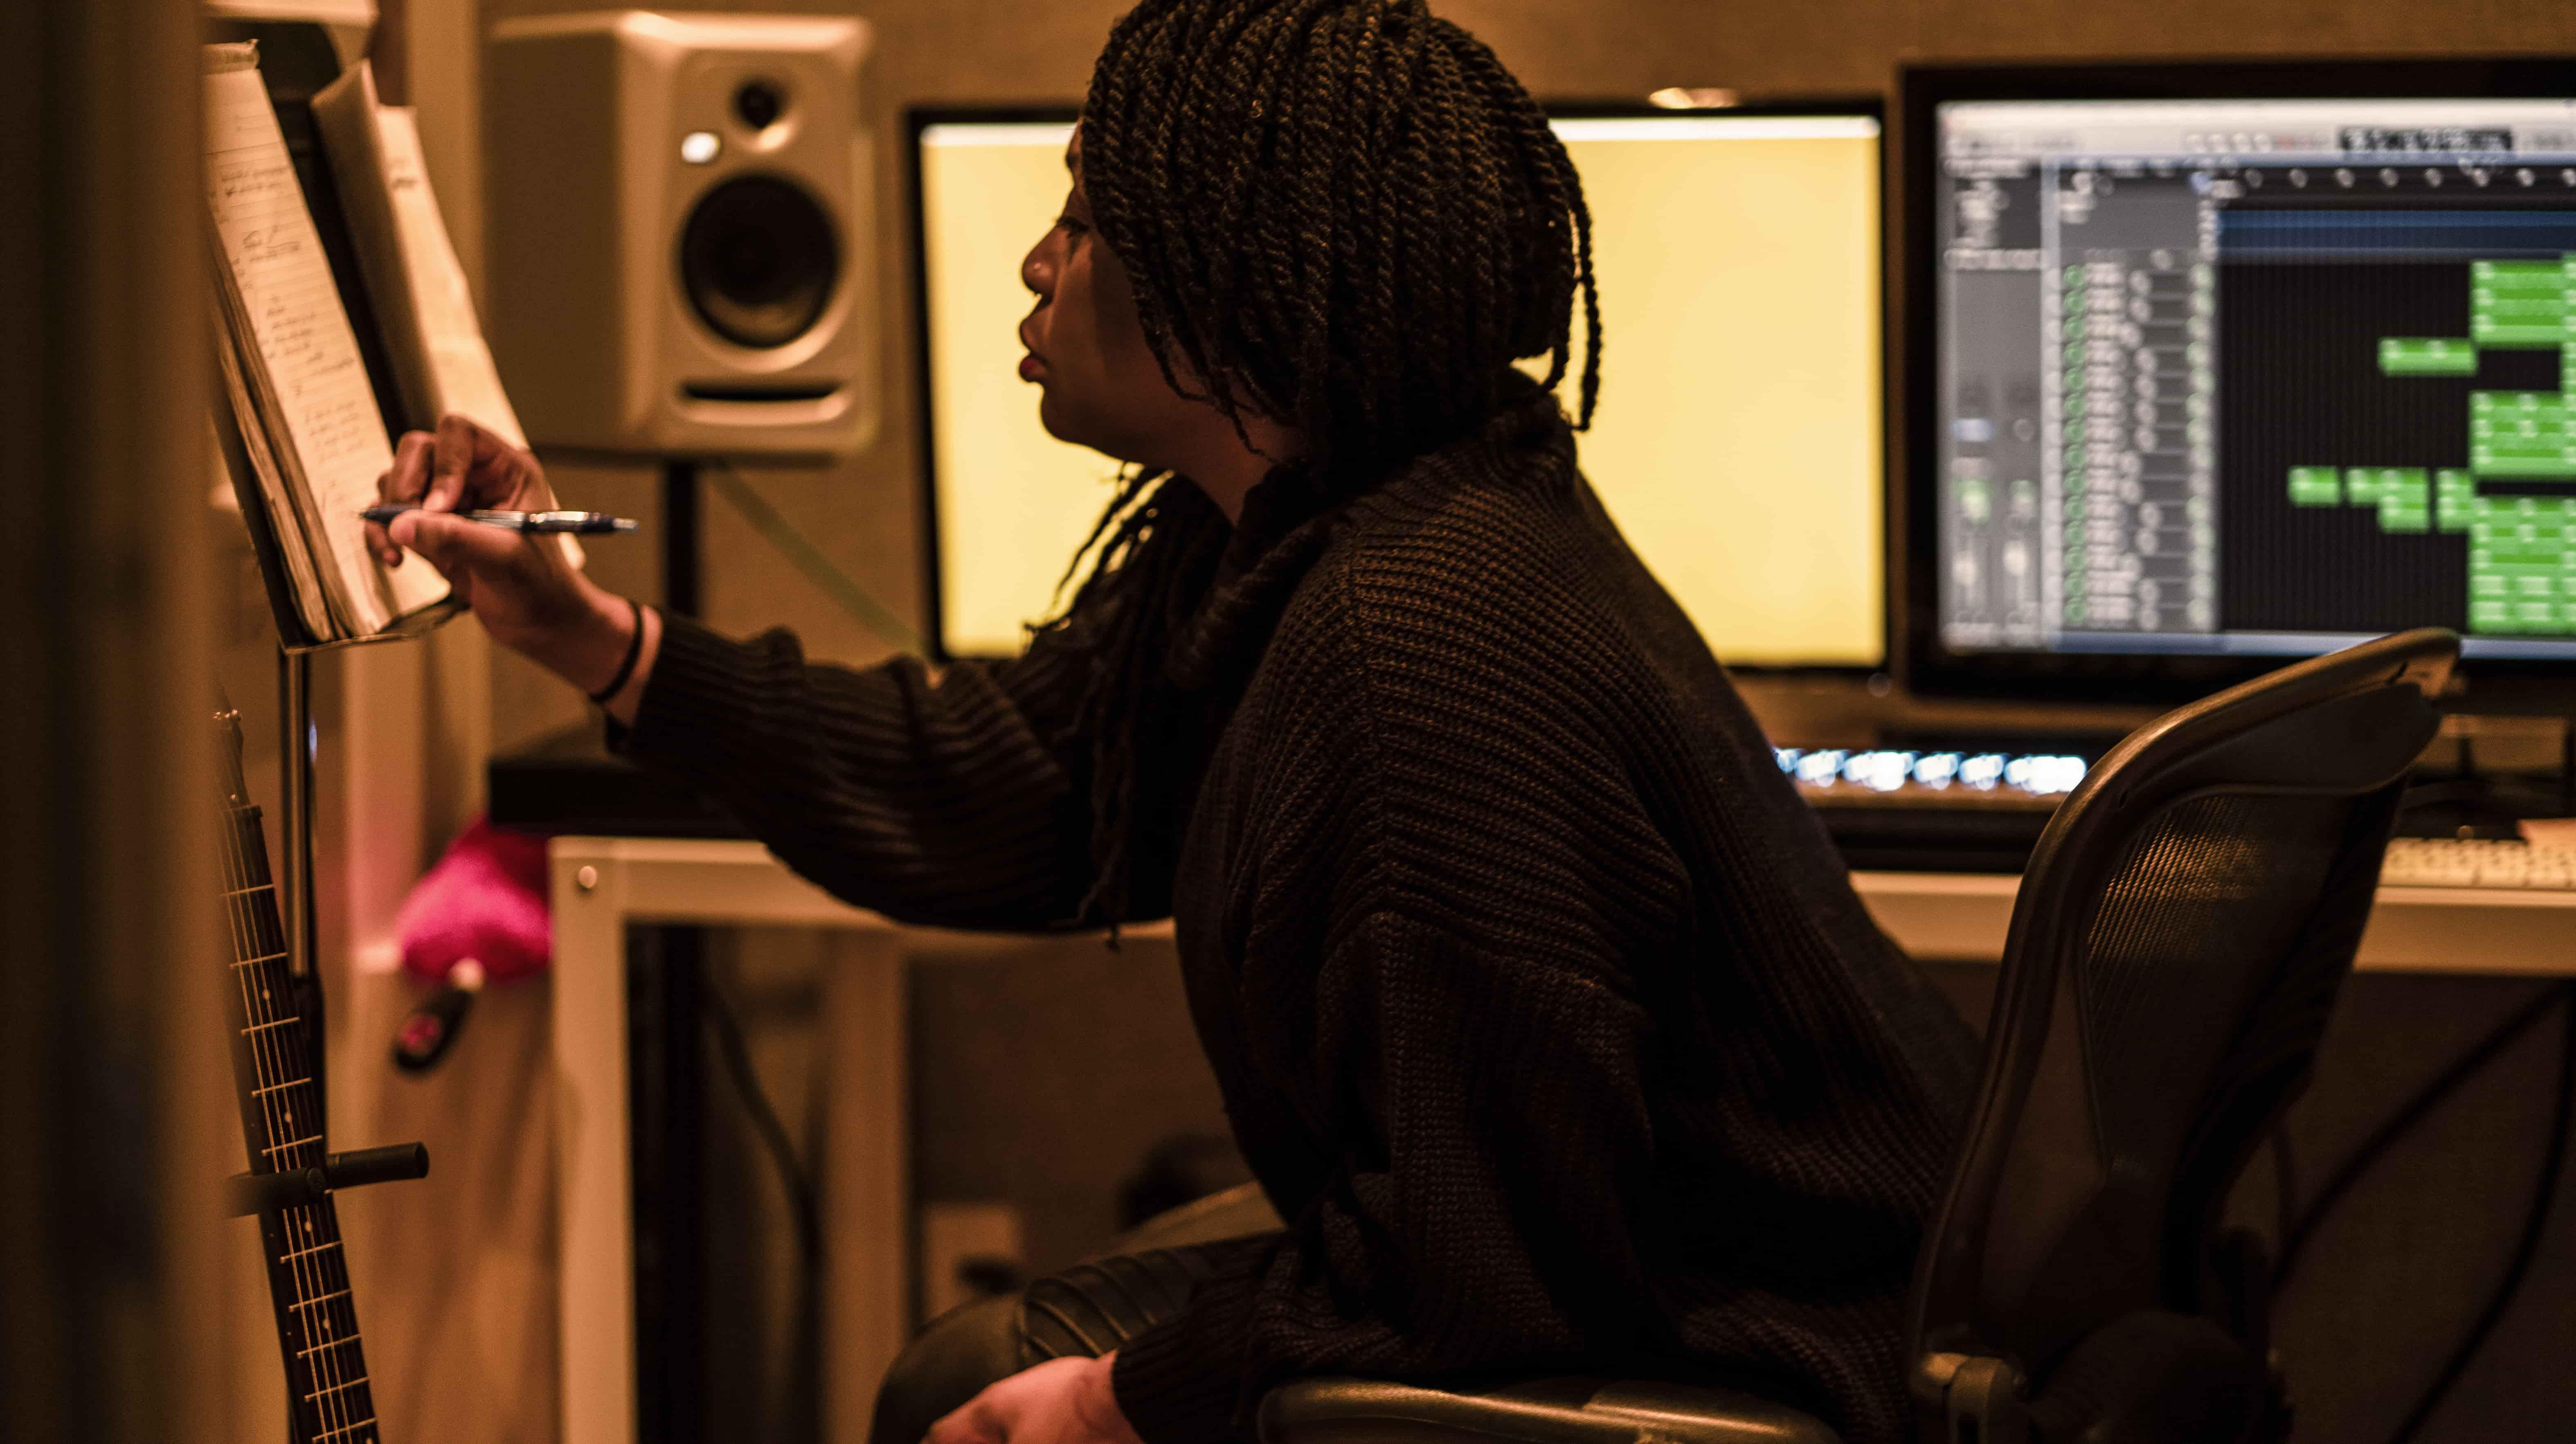 女性の「映画音楽作曲家」が極端に少ない現状